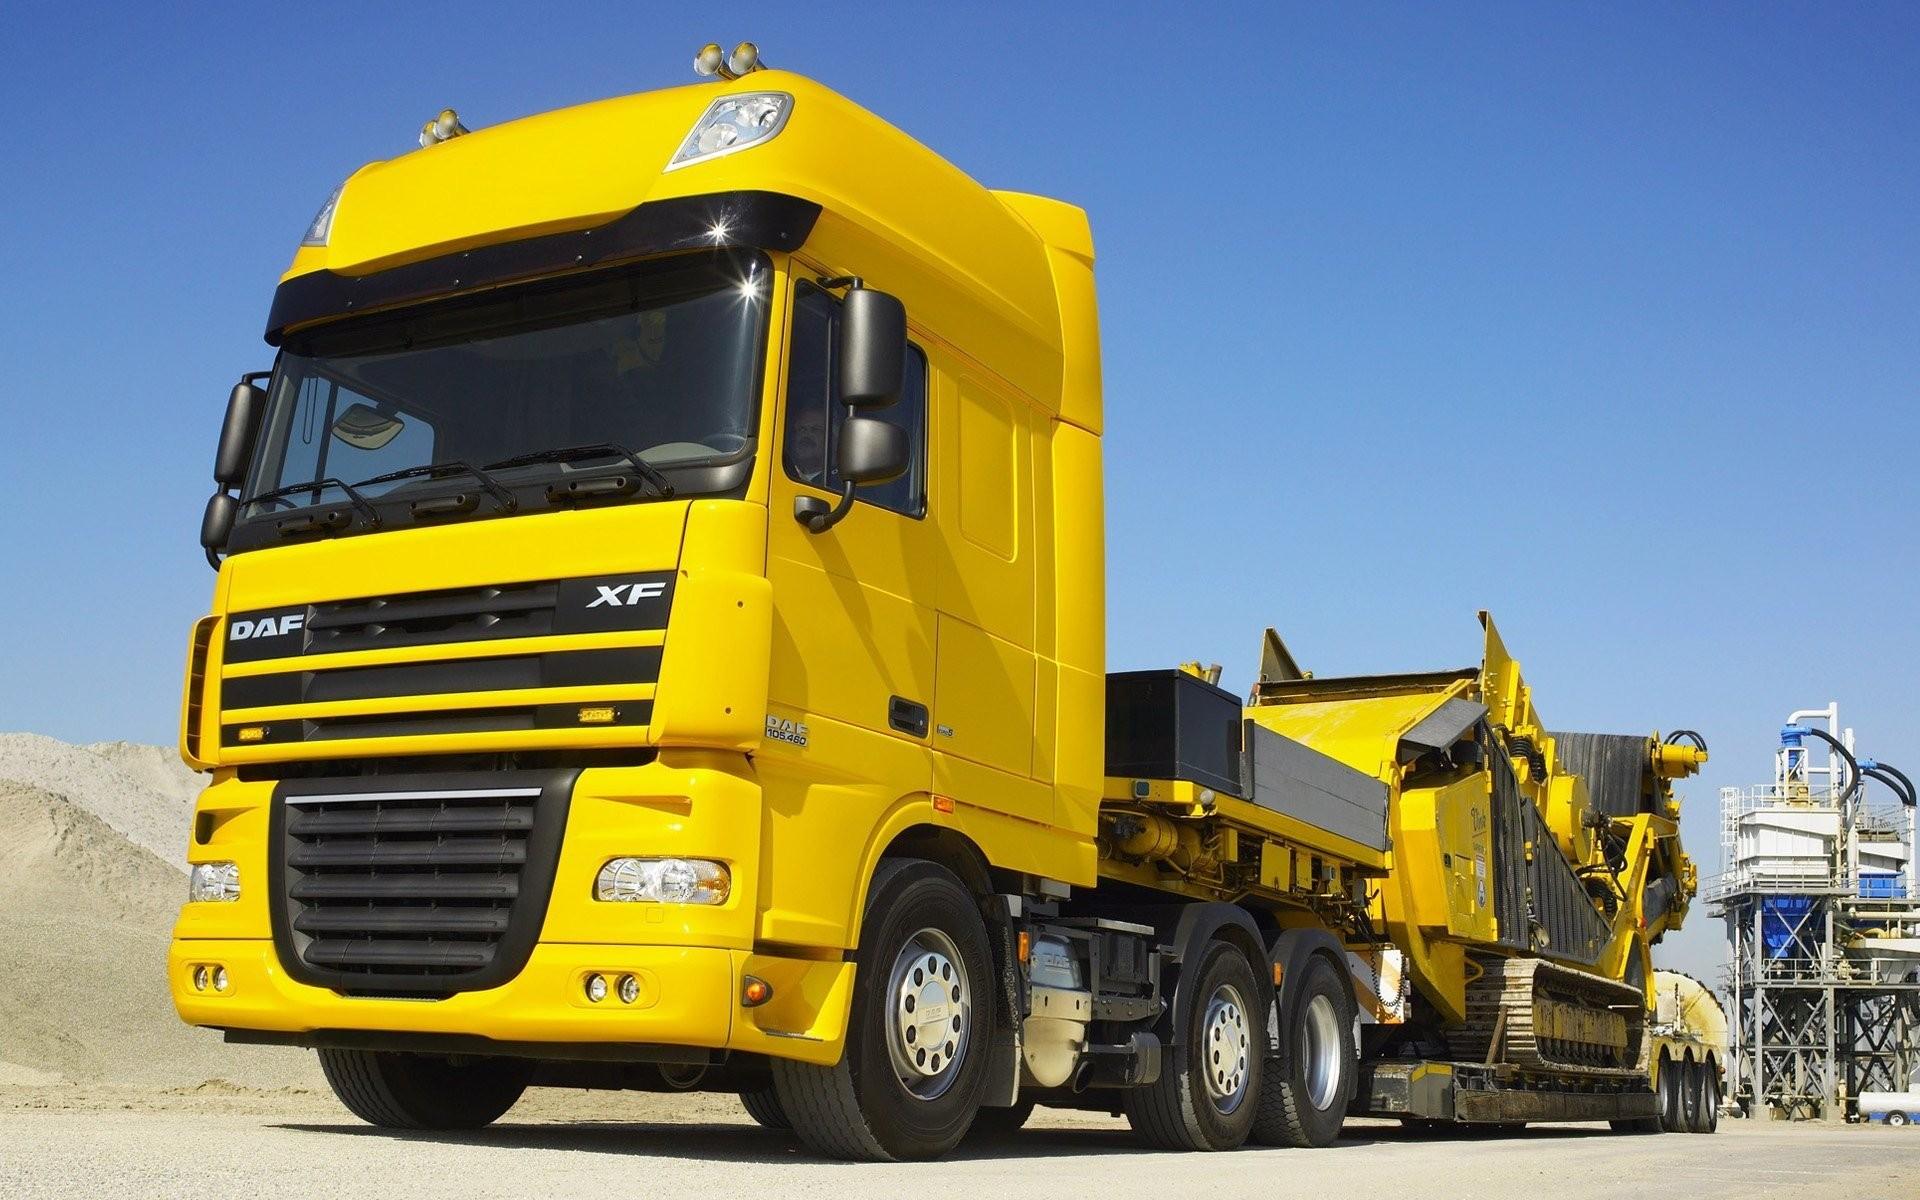 Camion cama baja - 1920x1200